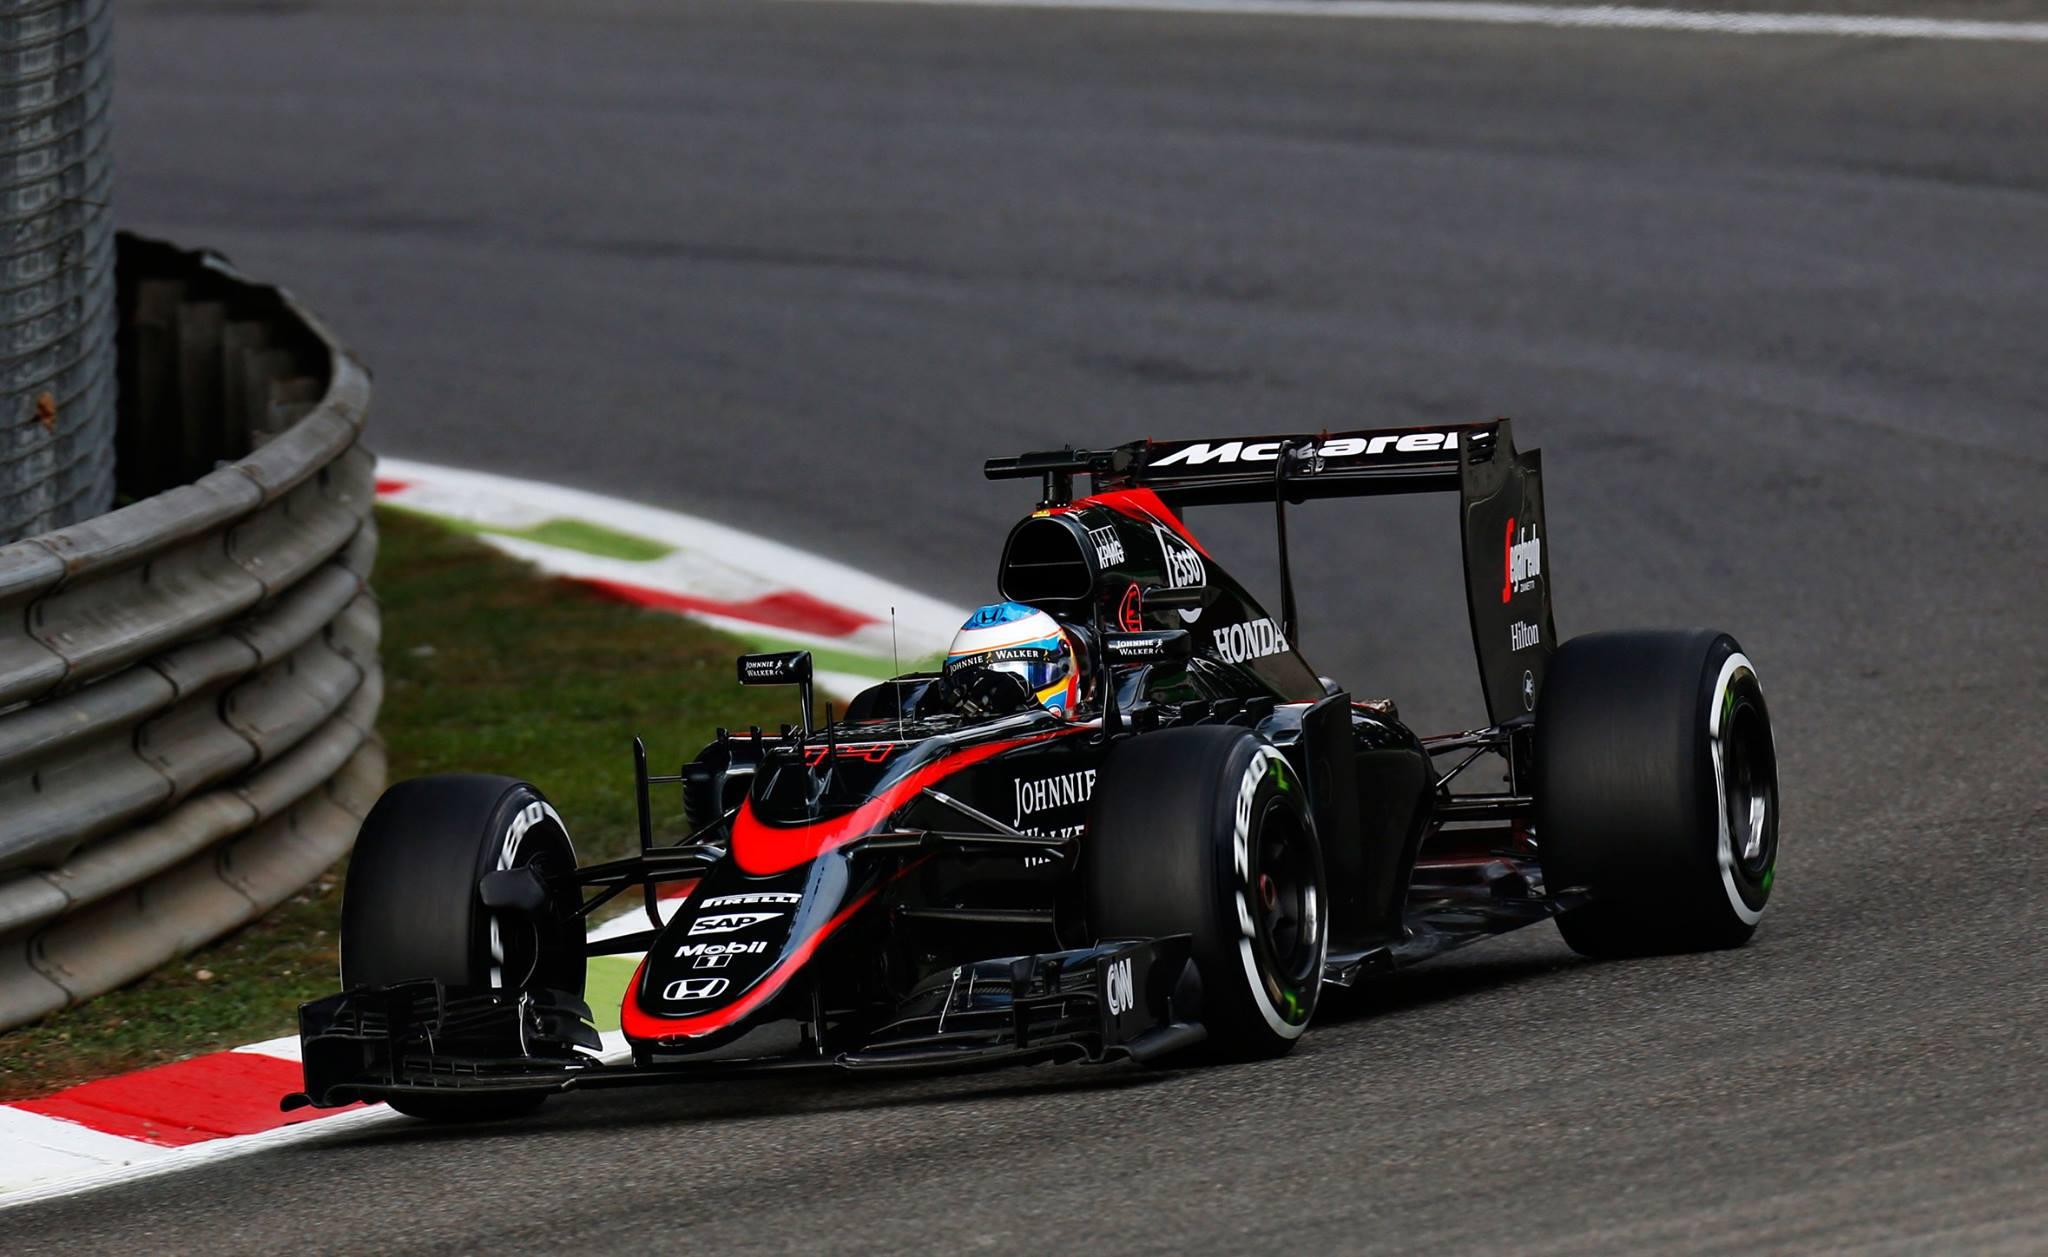 Alonso que venceu em 2007 pela mesma Mclaren vai sofrer em Monza nesse ano.